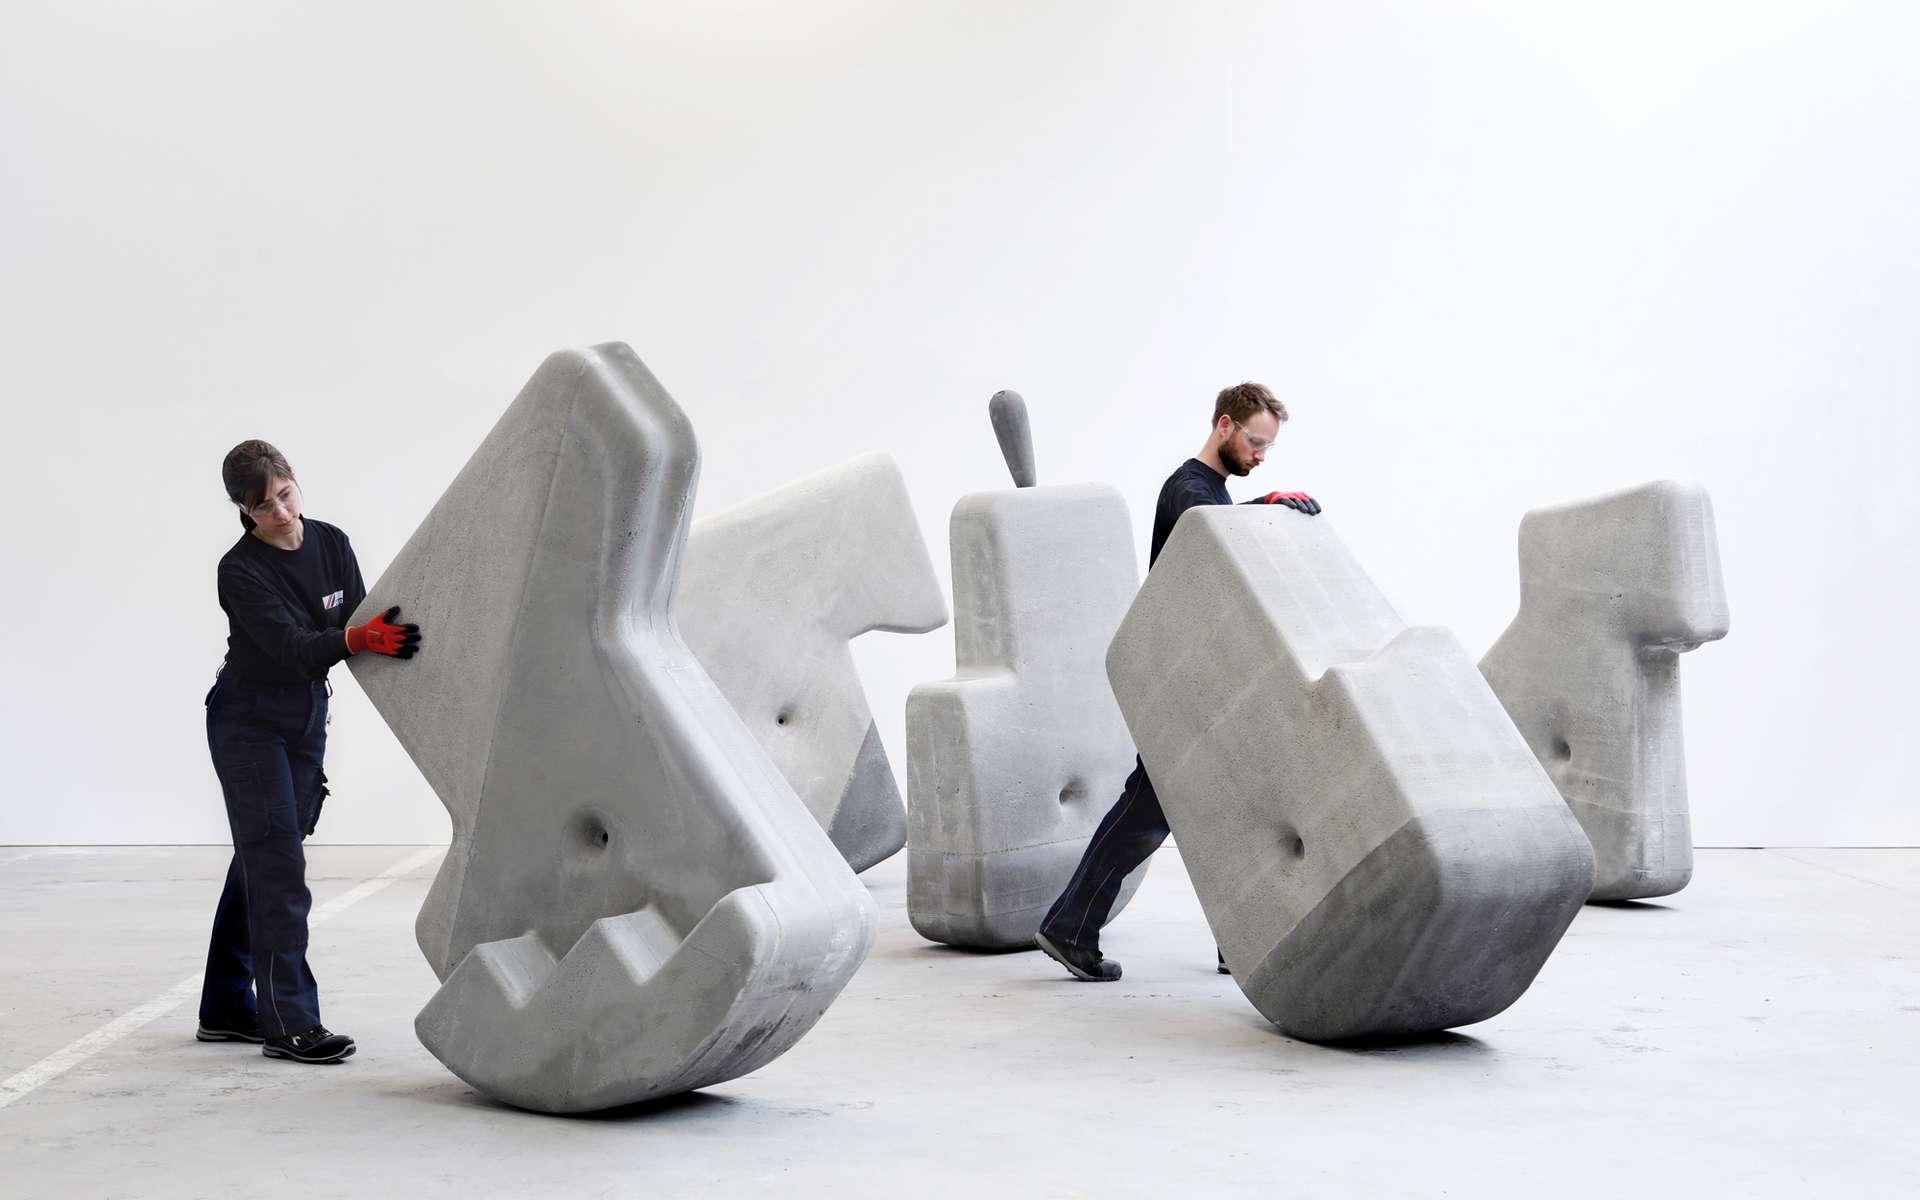 Ces blocs de béton s'inspirent des statues de l'île de Pâques. © Walking Assembly